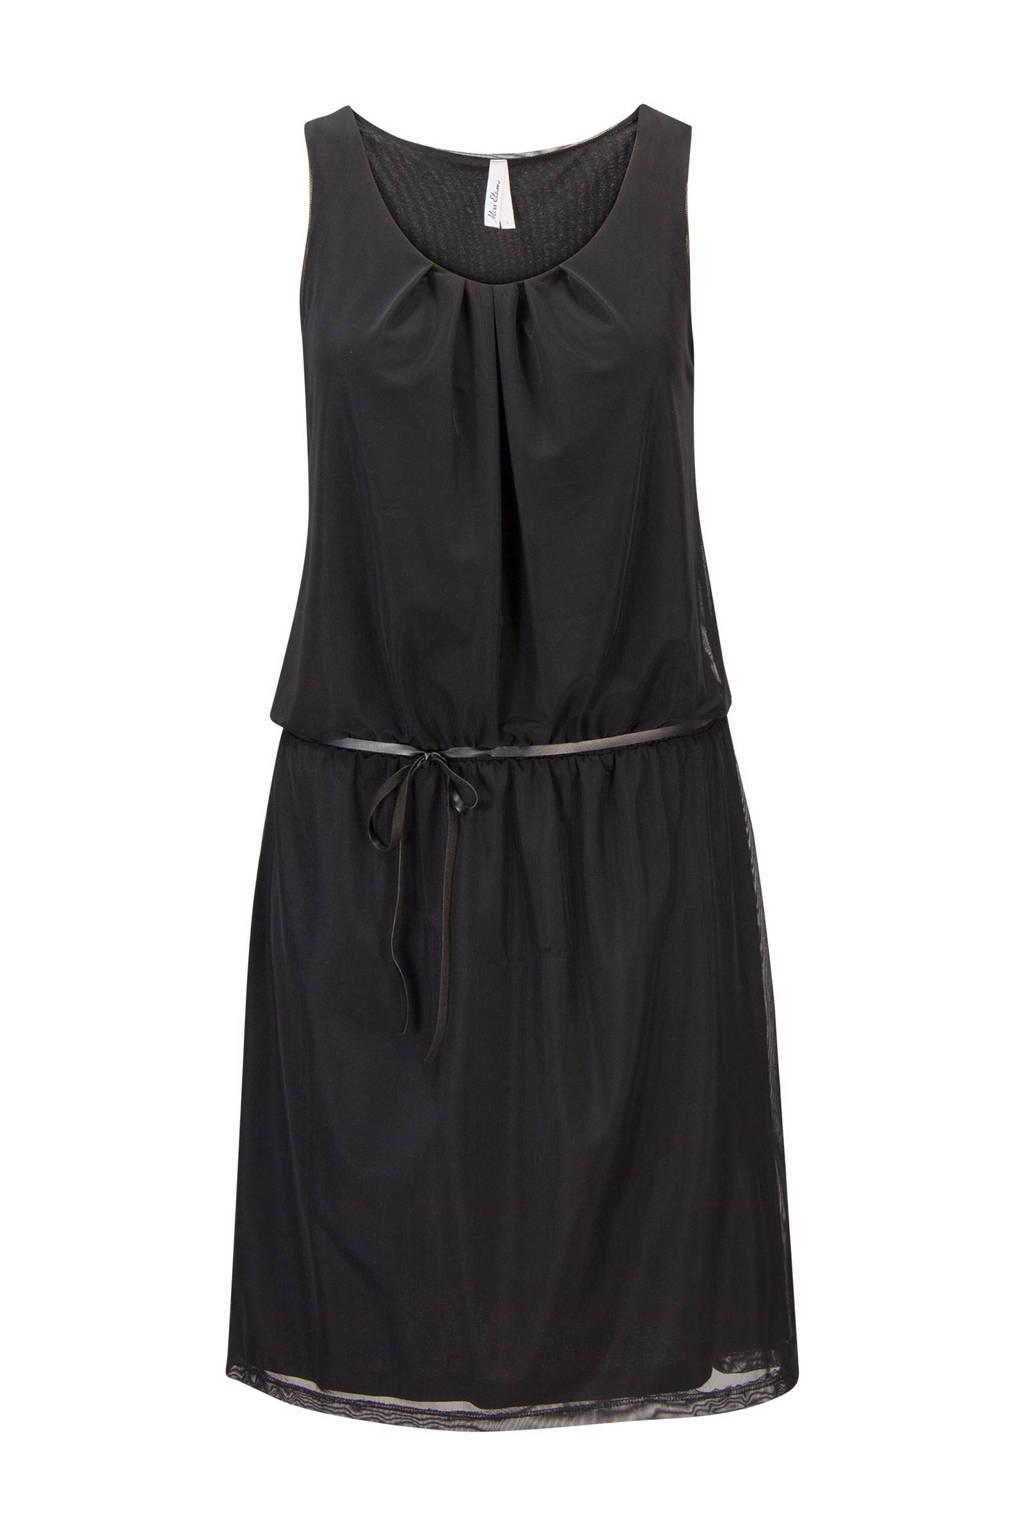 Miss Etam Regulier jurk, Zwart